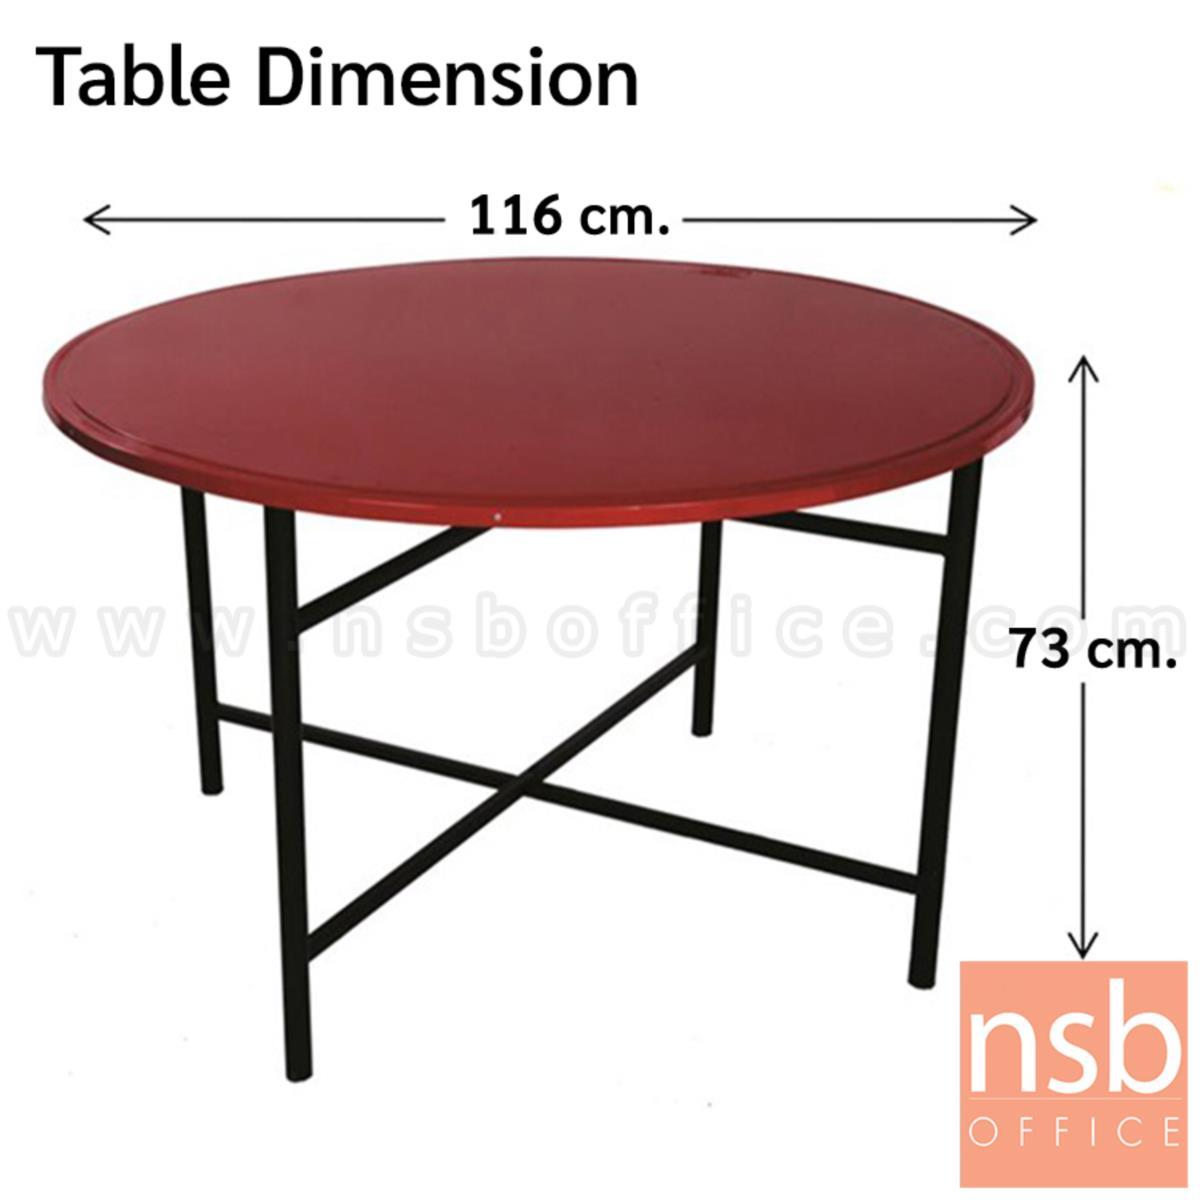 โต๊ะพับจีนหน้าเหล็ก รุ่น Abbot (แอ็บบอต) ขนาด 116.5Di cm.  ขาพับน็อคดาวน์ 4 ฟุต